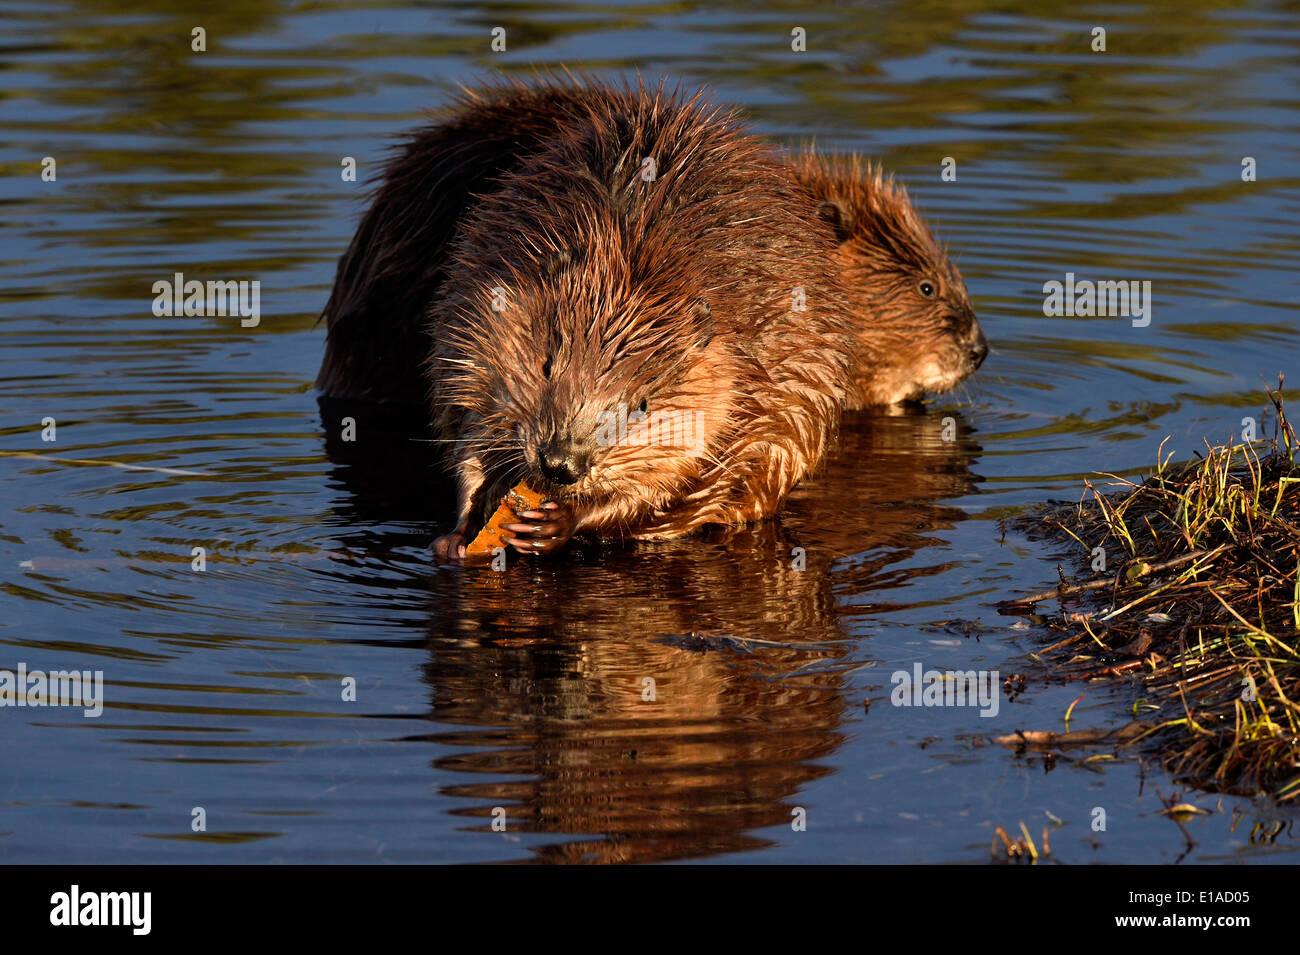 Dos jóvenes castores sentado en el agua de su estanque alimentando en algunas ramas de árbol Imagen De Stock